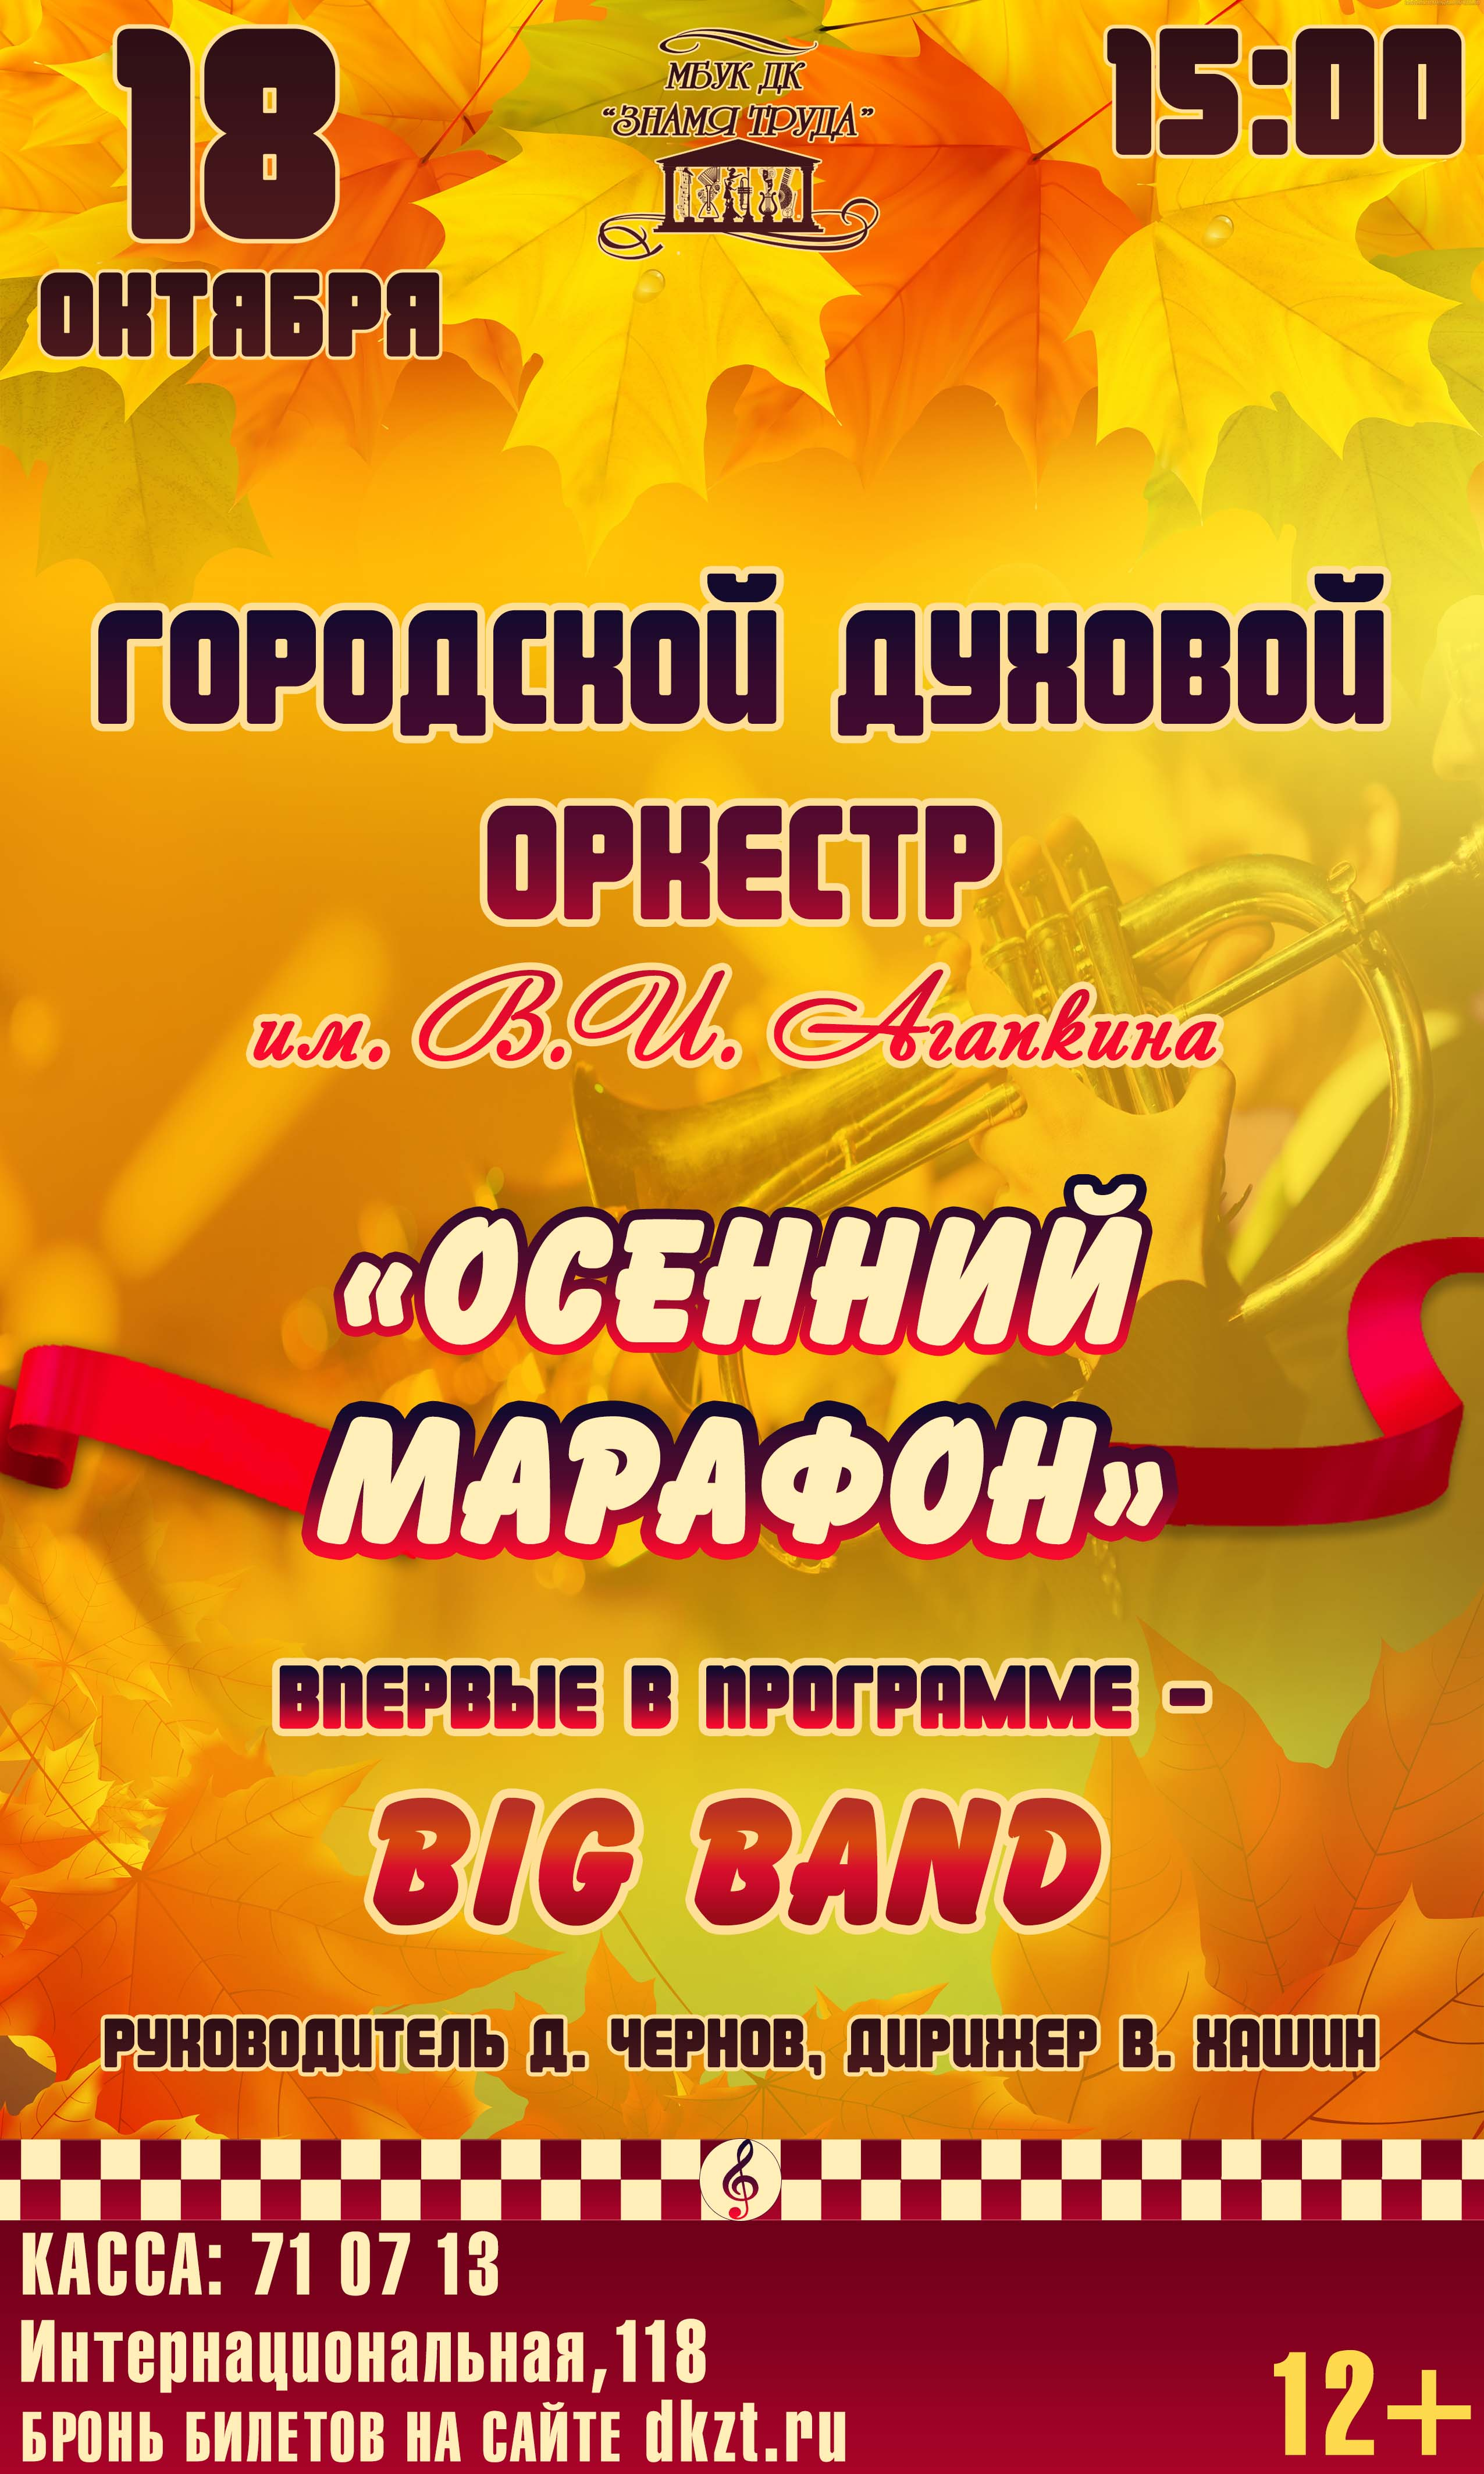 Премьерные спектакли и рок-концерты: афиша культурных мероприятий Тамбова. Часть 2